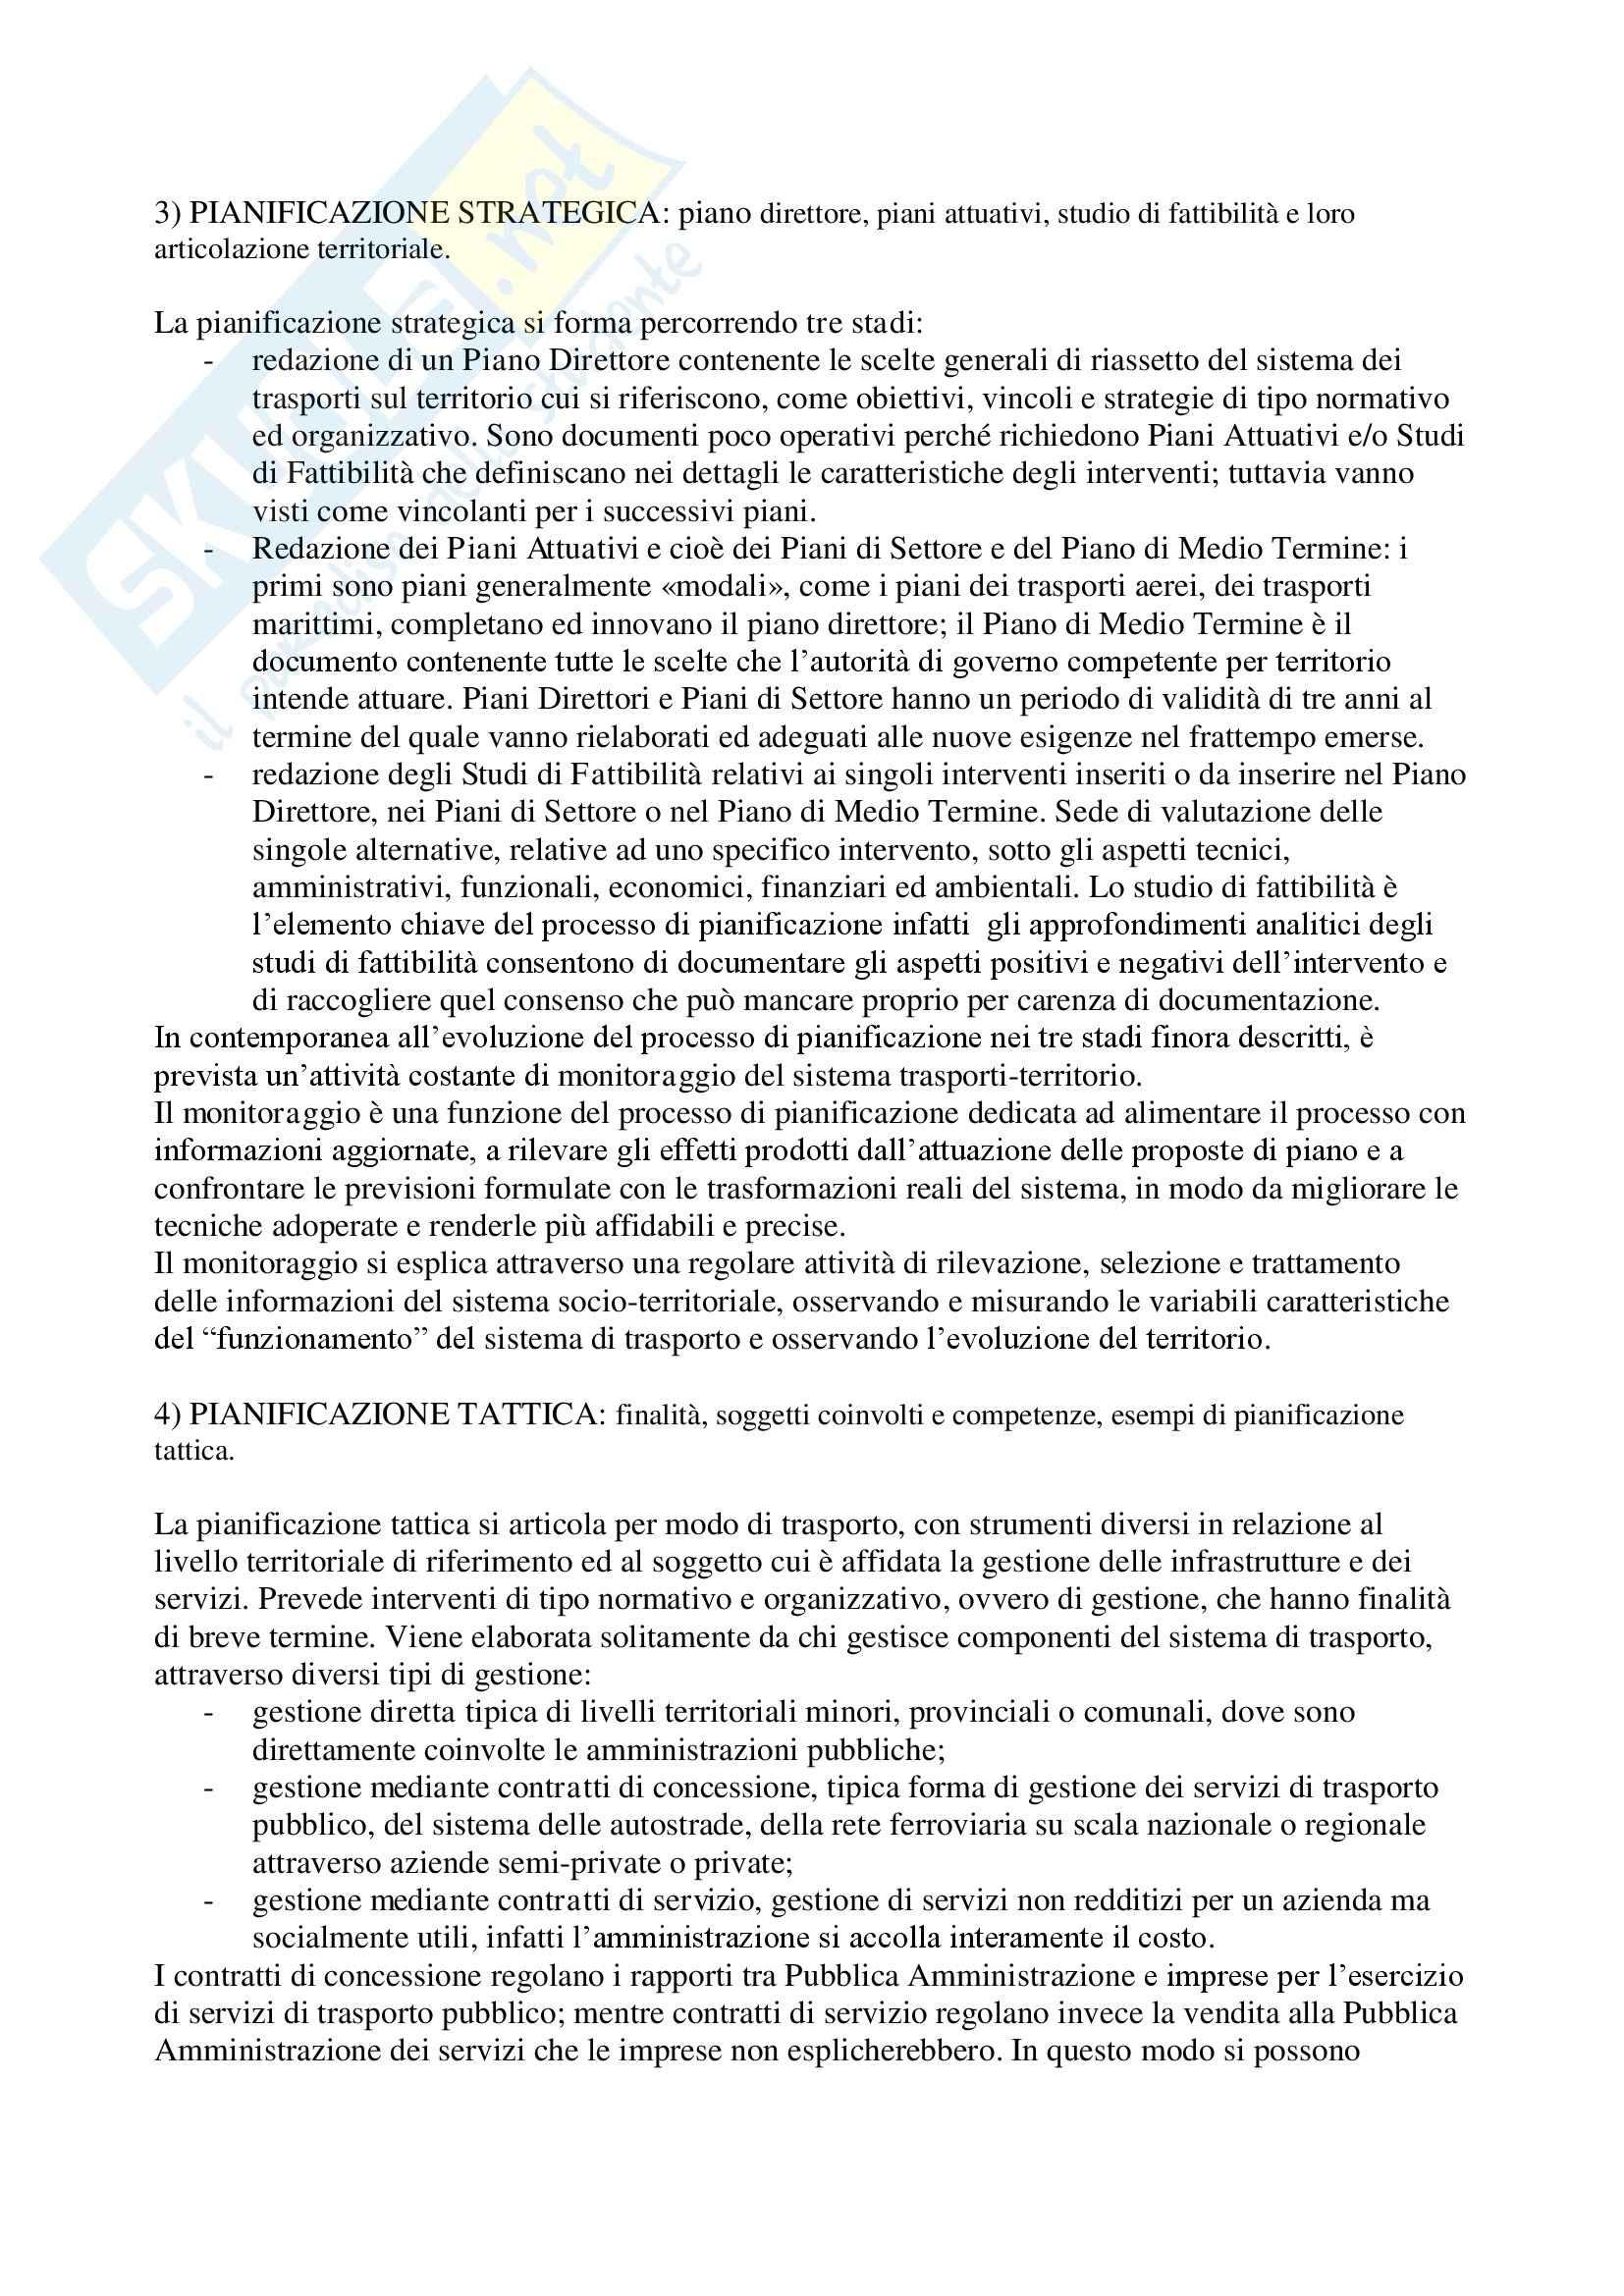 Pianificazione dei trasporti - Risposte Pag. 2